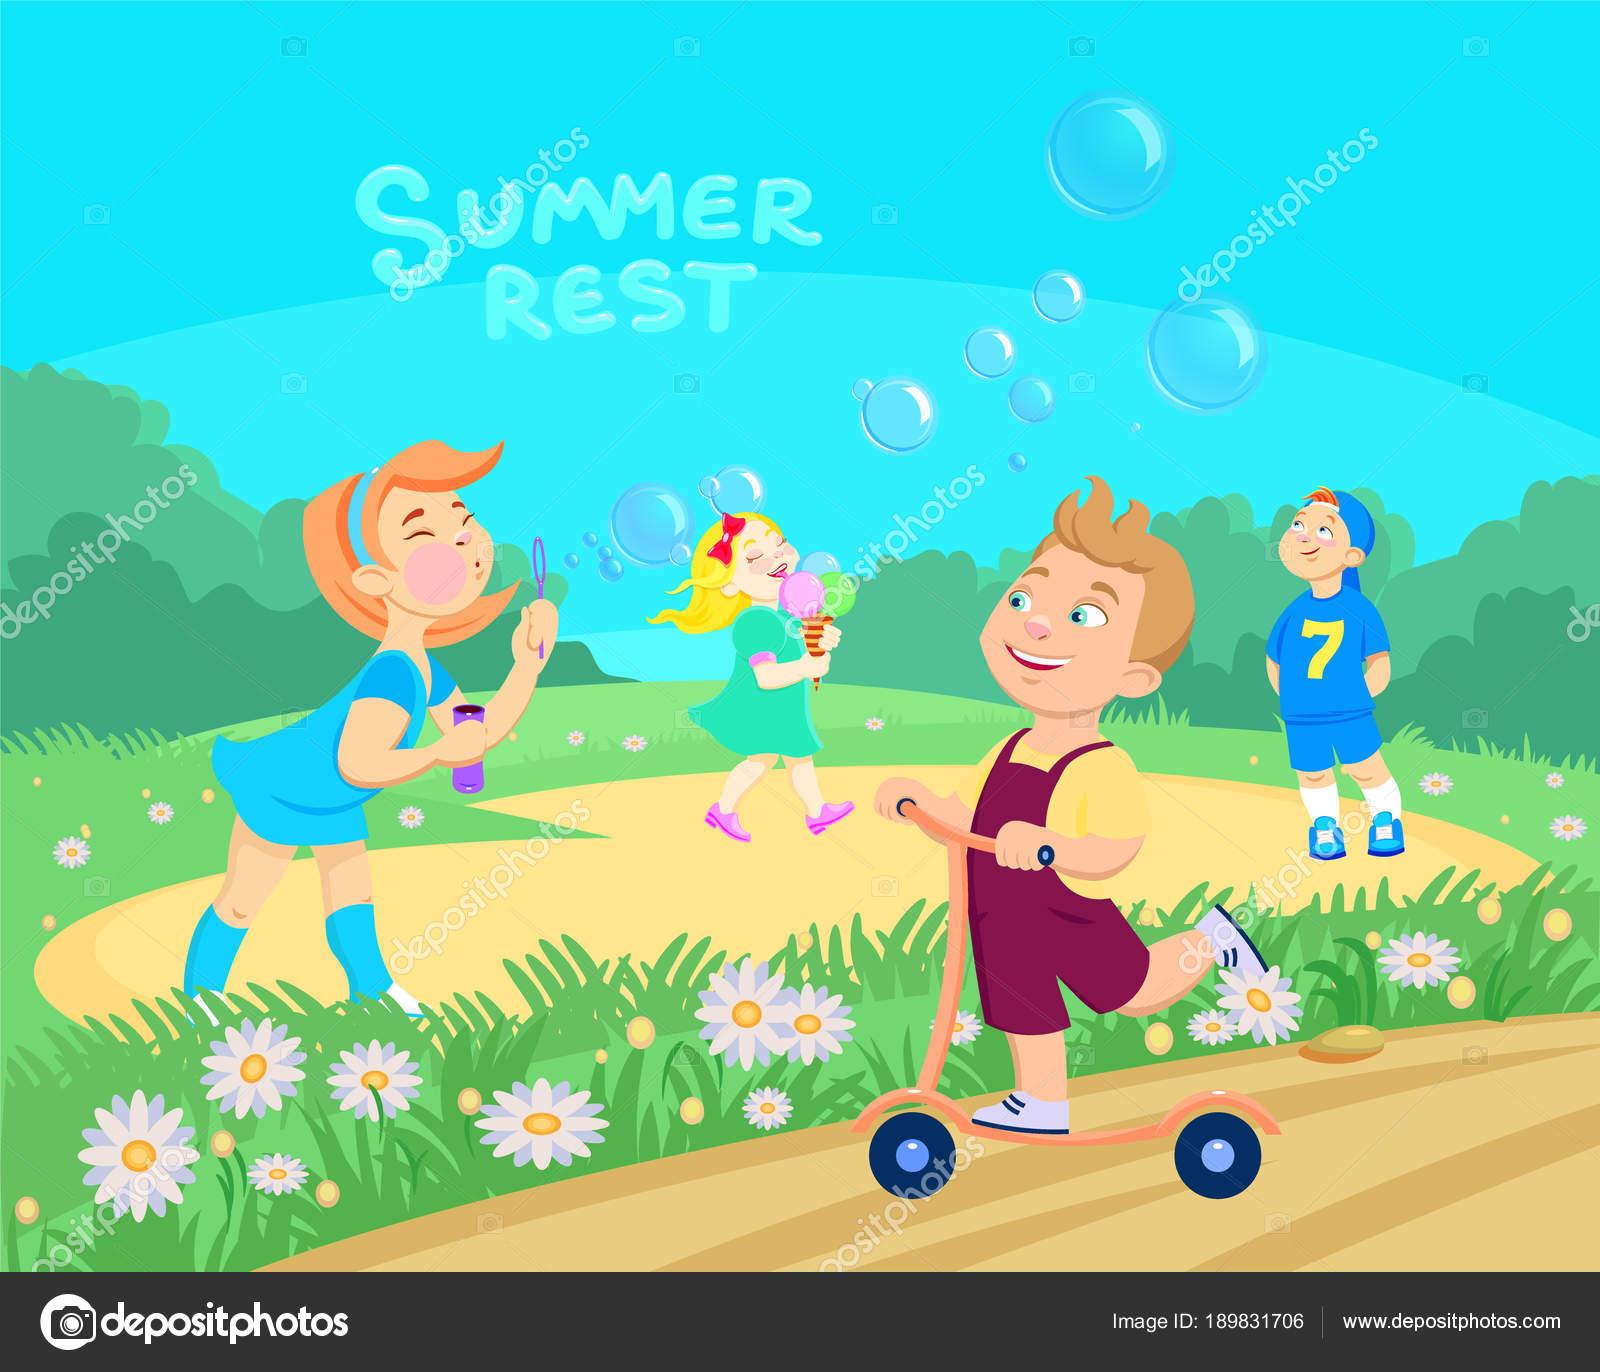 Ninos Jugando Con Agua Caricatura Ninos Caricatura Jugando En La